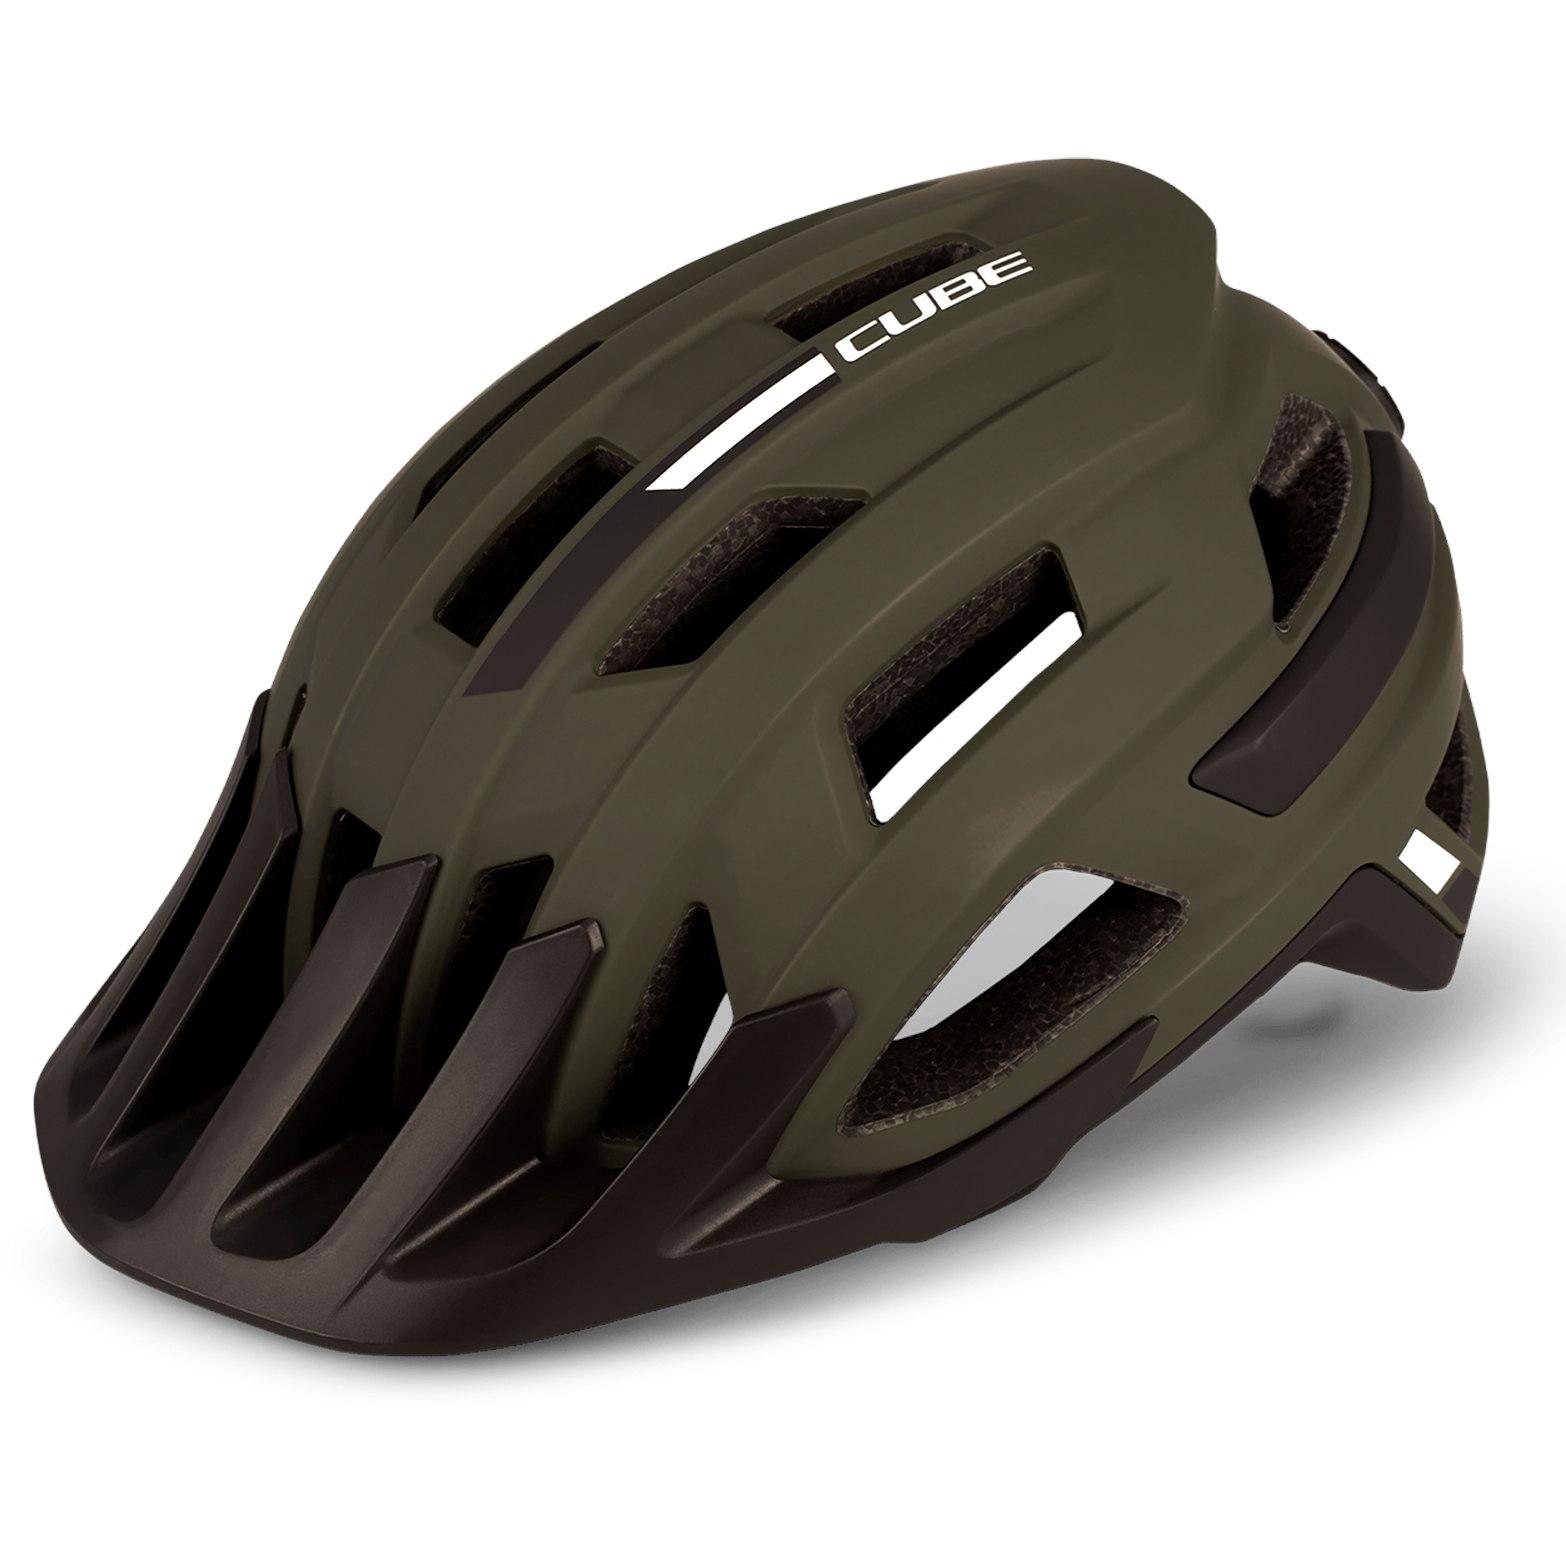 CUBE Helmet ROOK - olive